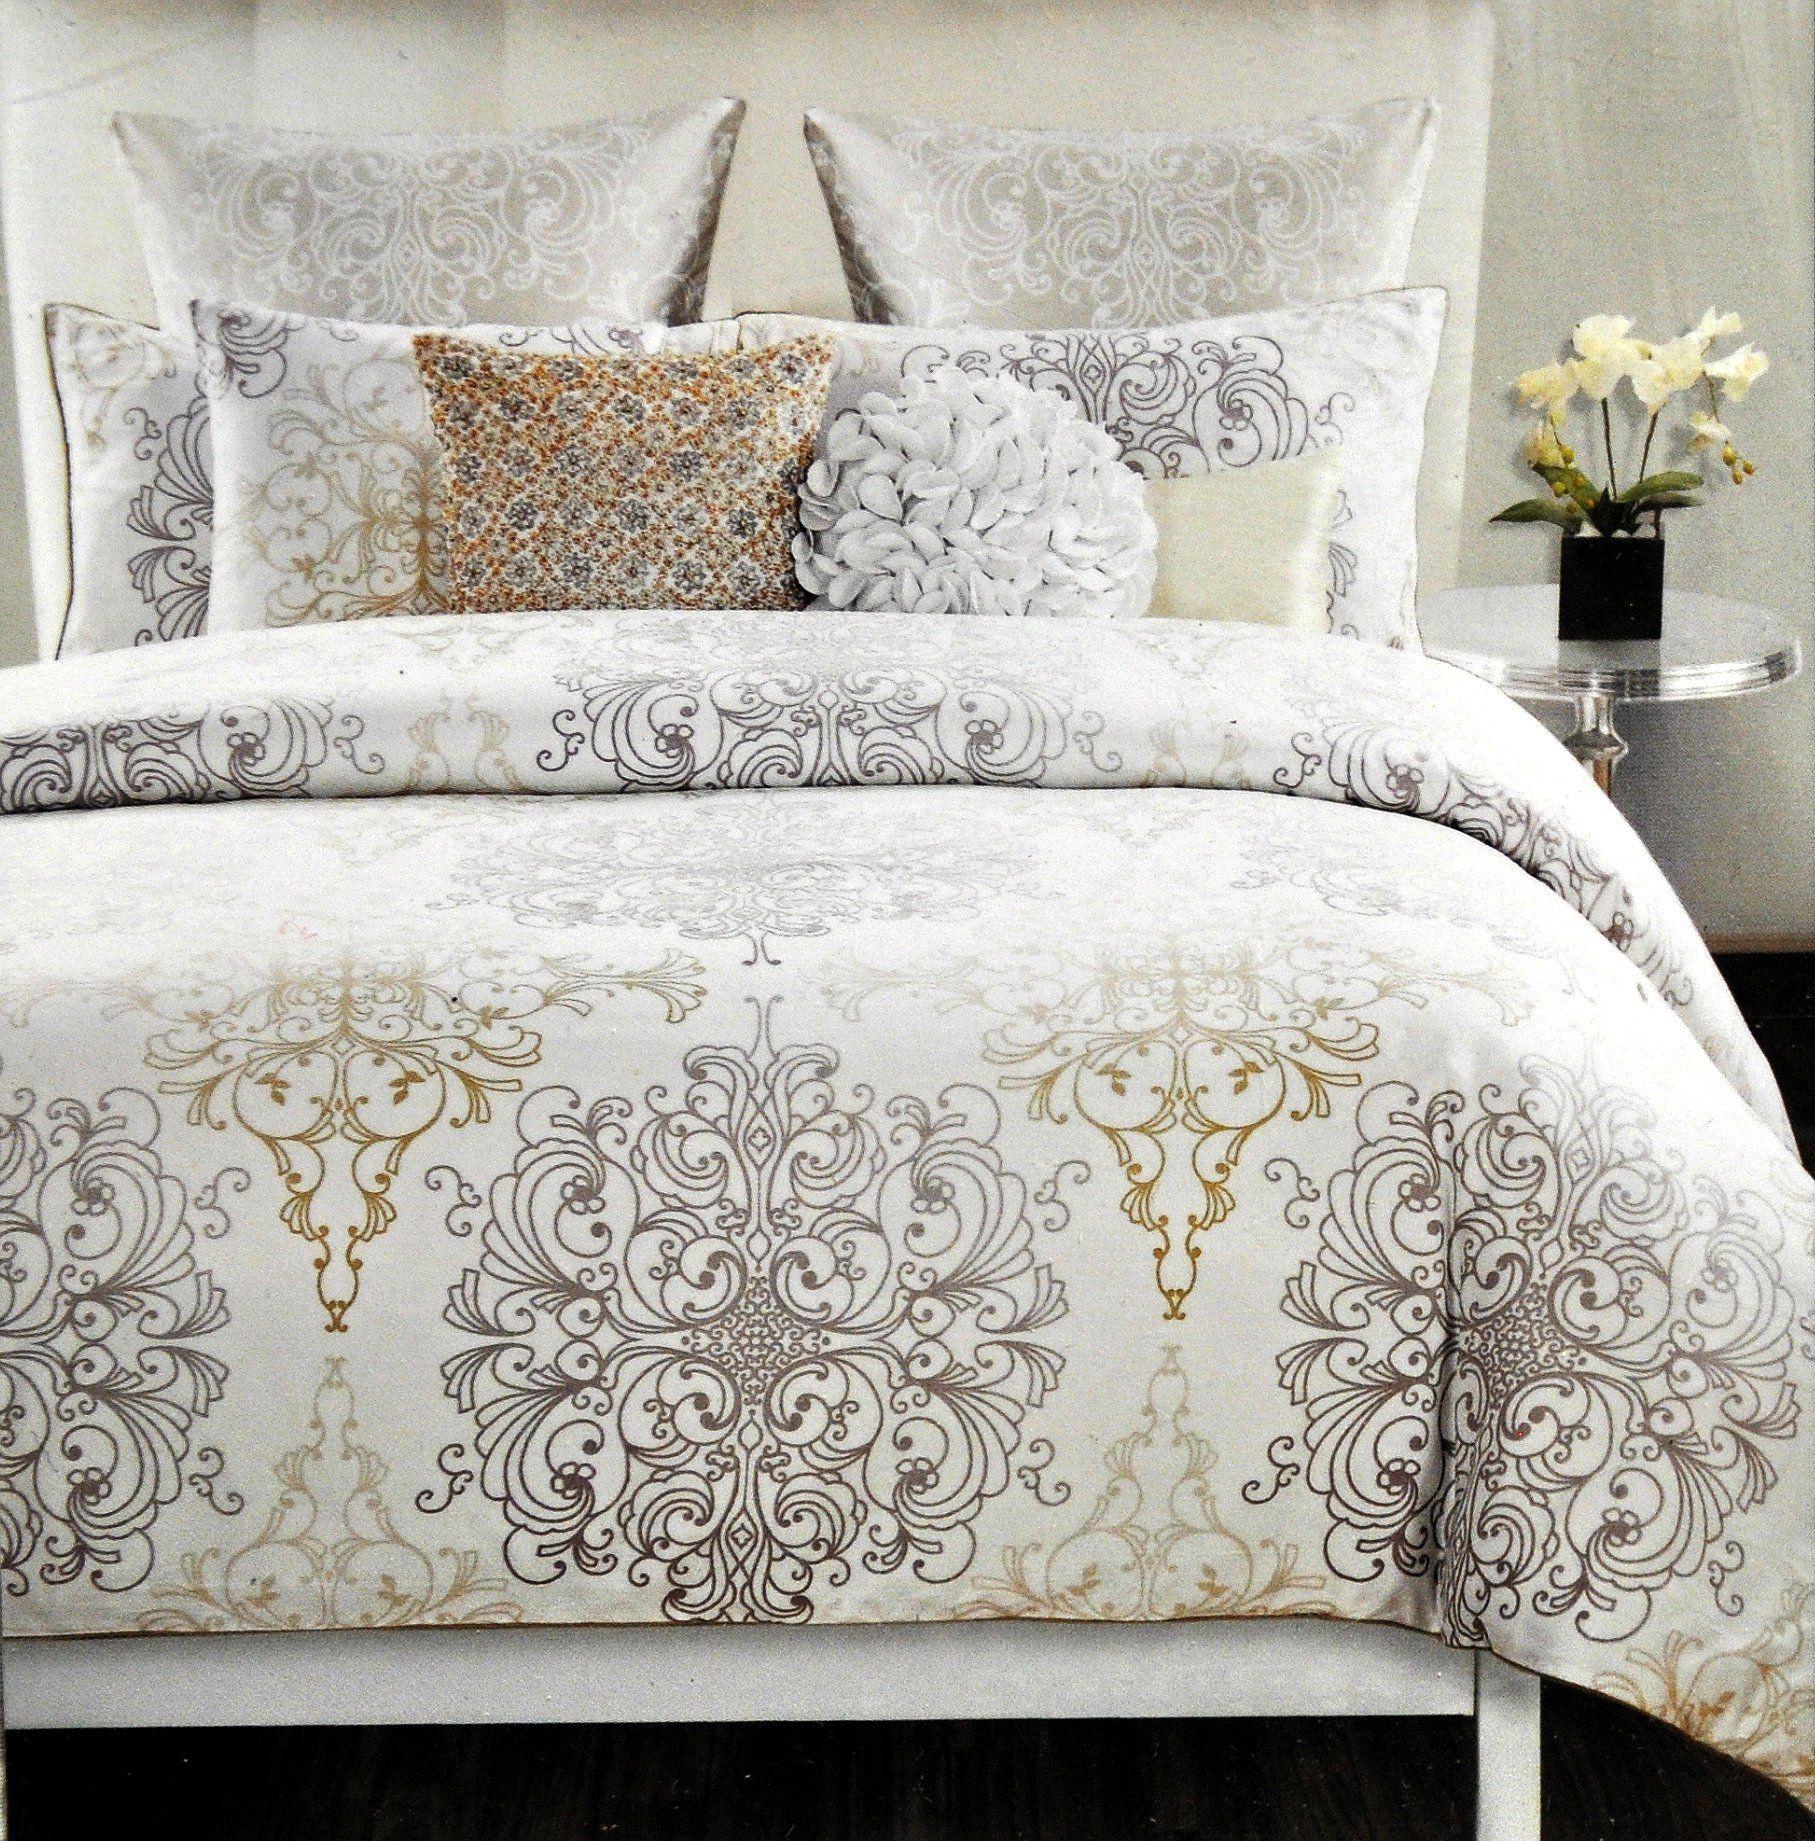 Amazon Com Tahari Home 3pc Full Queen Duvet Cover Set Large